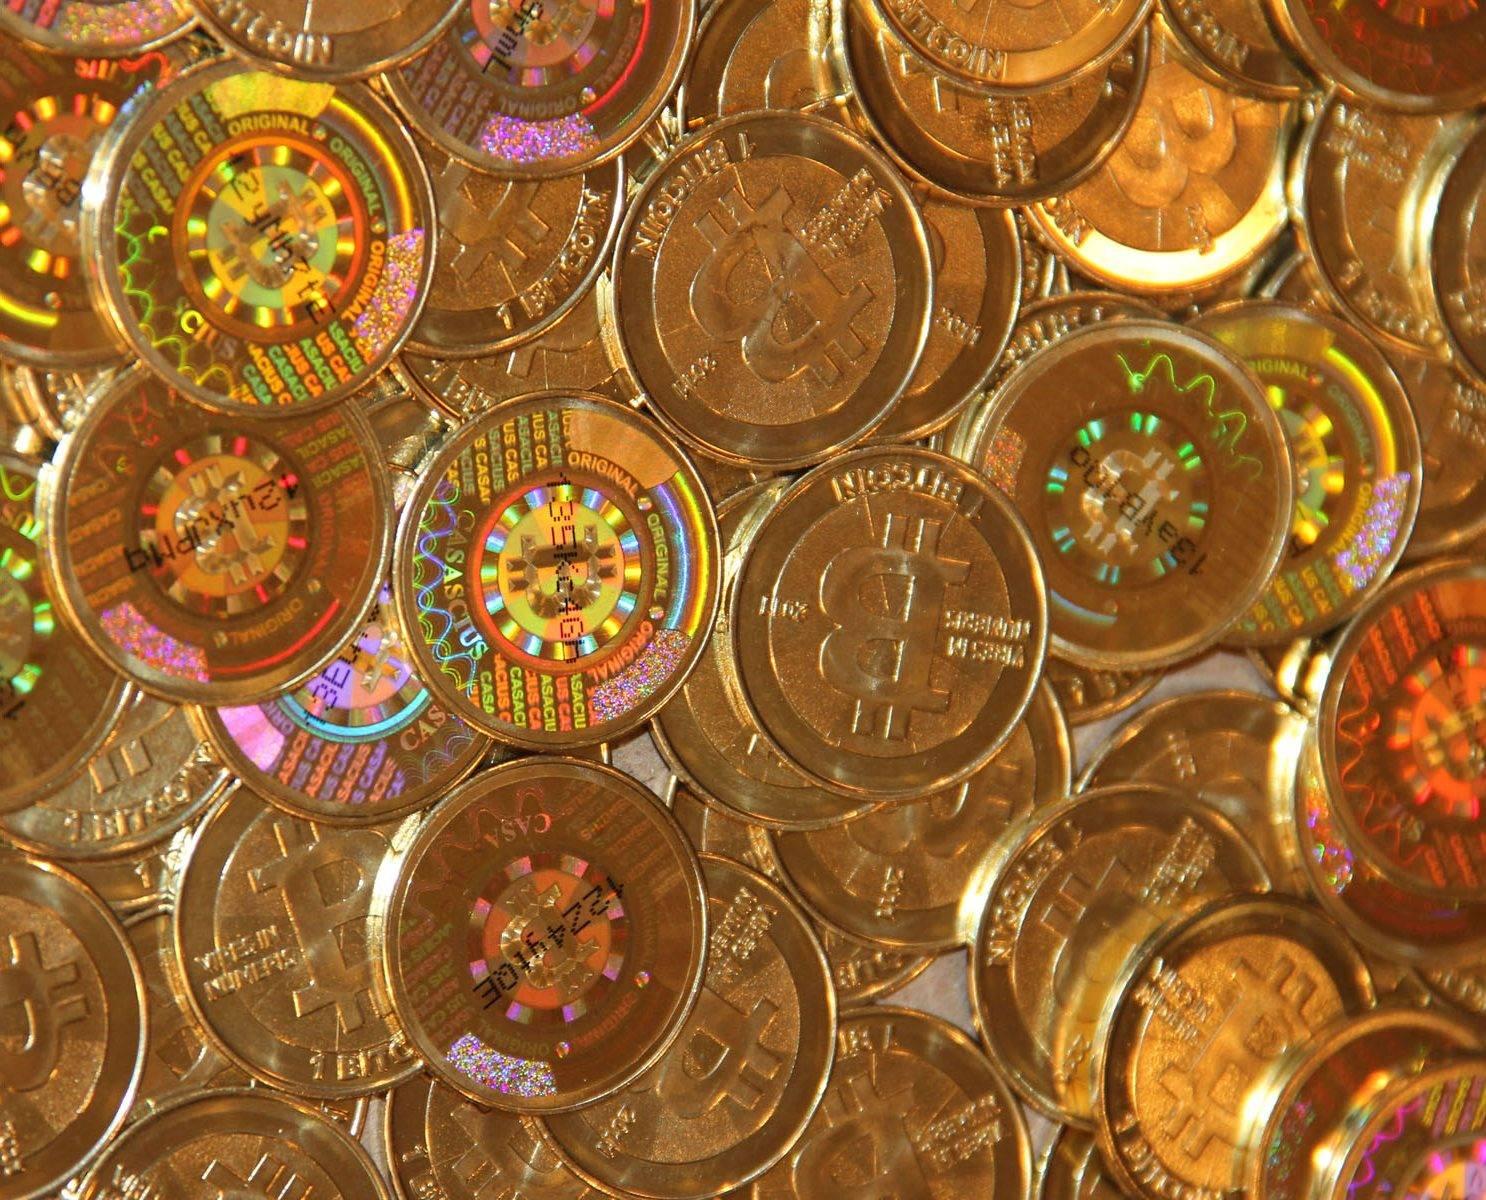 hogyan lehet pénzt nyerni az interneten befektetés nélkül bináris opciók az indexeken